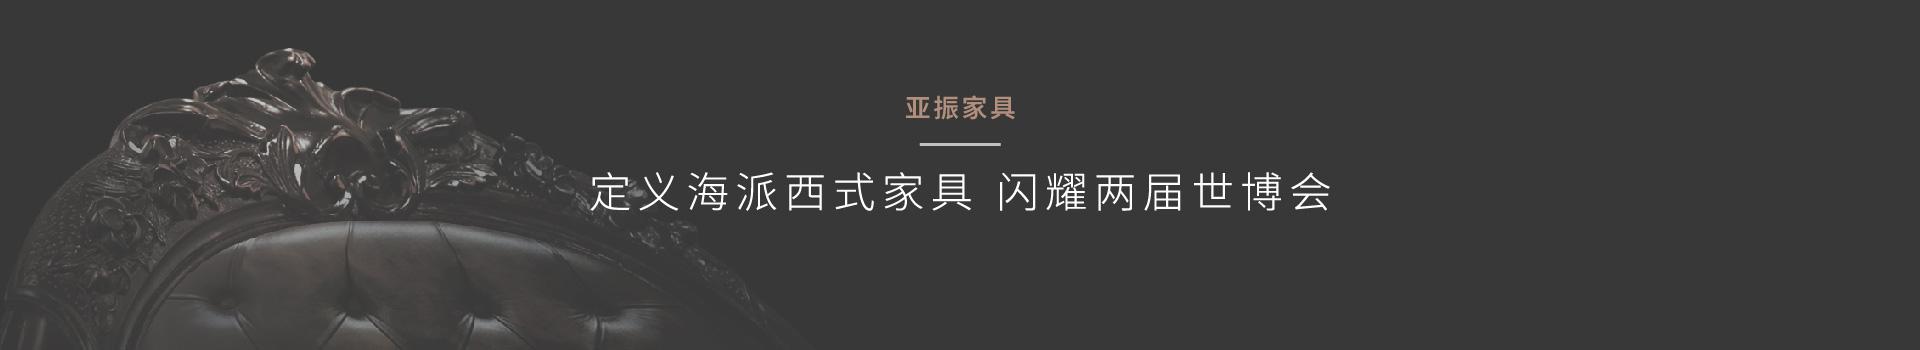 """亚振家具企业品牌策划公司定义""""海派西式家具""""并梳理品牌结构关系的品牌规划案例鼠标划过效果"""